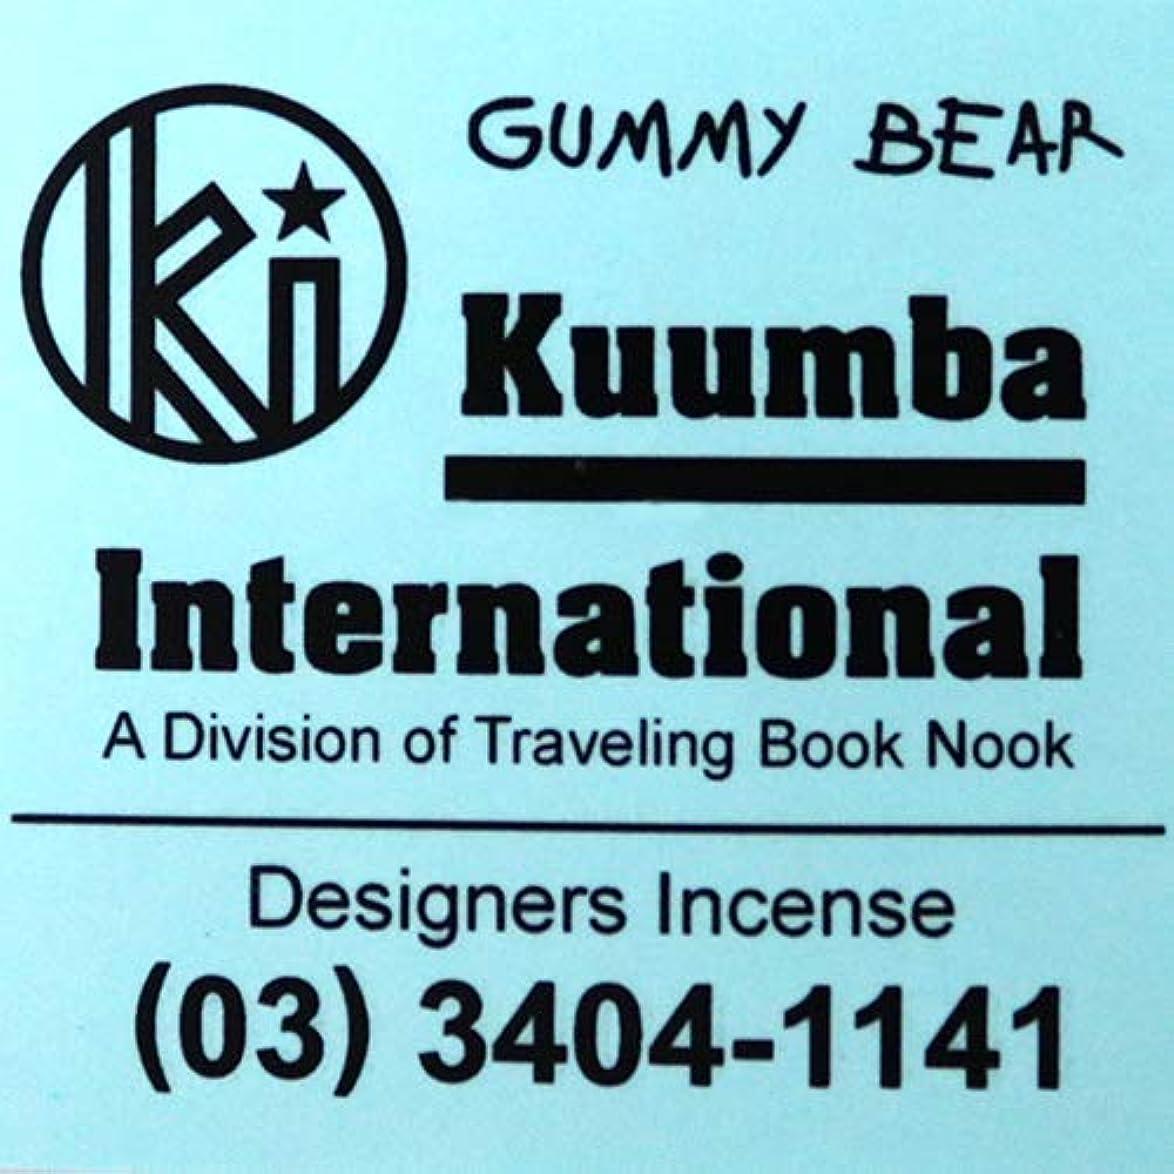 優雅なサスペンション祝福(クンバ) KUUMBA『incense』(GUMMY BEAR) (GUMMY BEAR, Regular size)